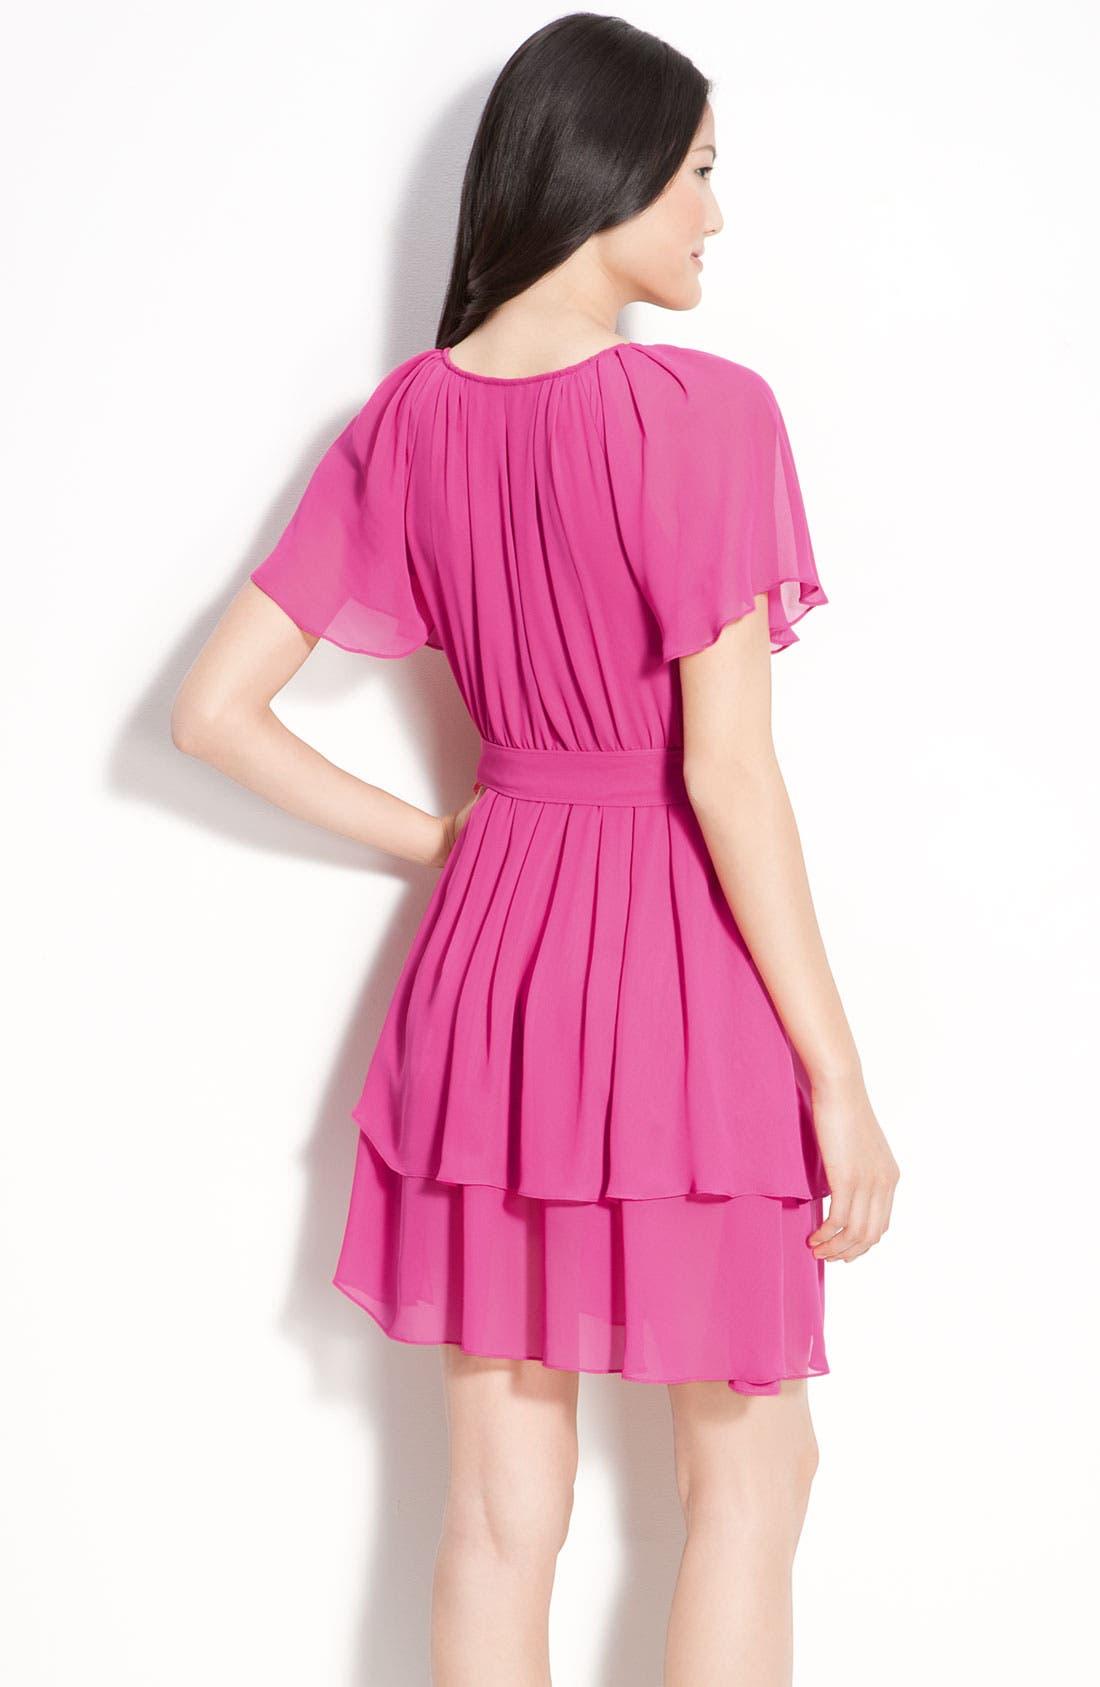 Alternate Image 2  - Seamline Cynthia Steffe Layered Chiffon Dress